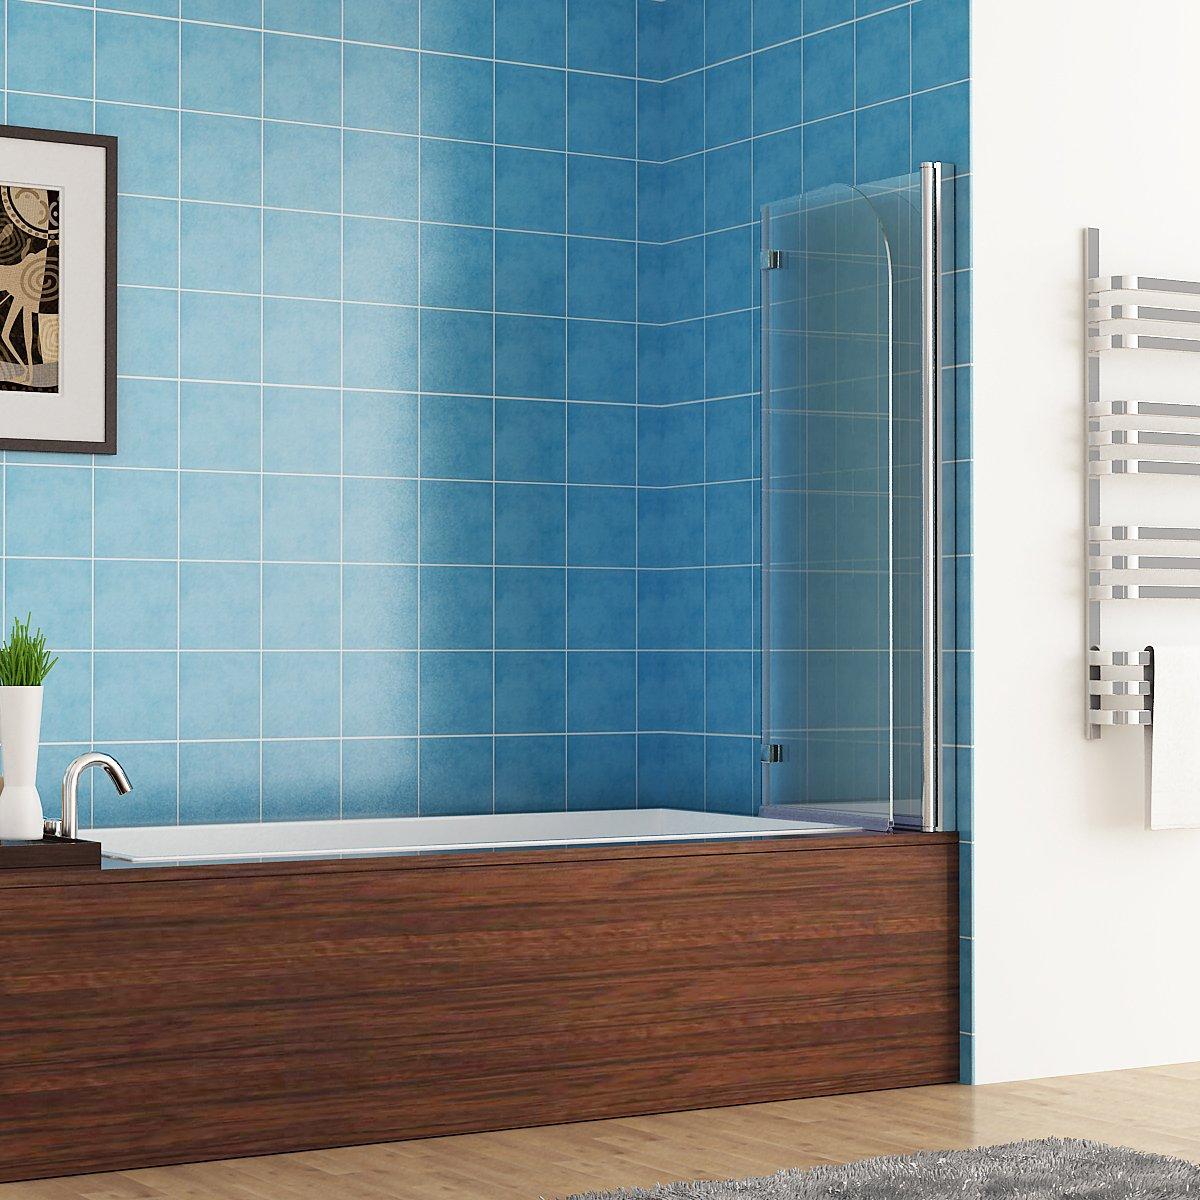 Inspirierend Palme Duschabtrennungen Referenz Von Faltwand Aufsatz Duschwand Duschabtrennung Nano Glas: Concept.de: